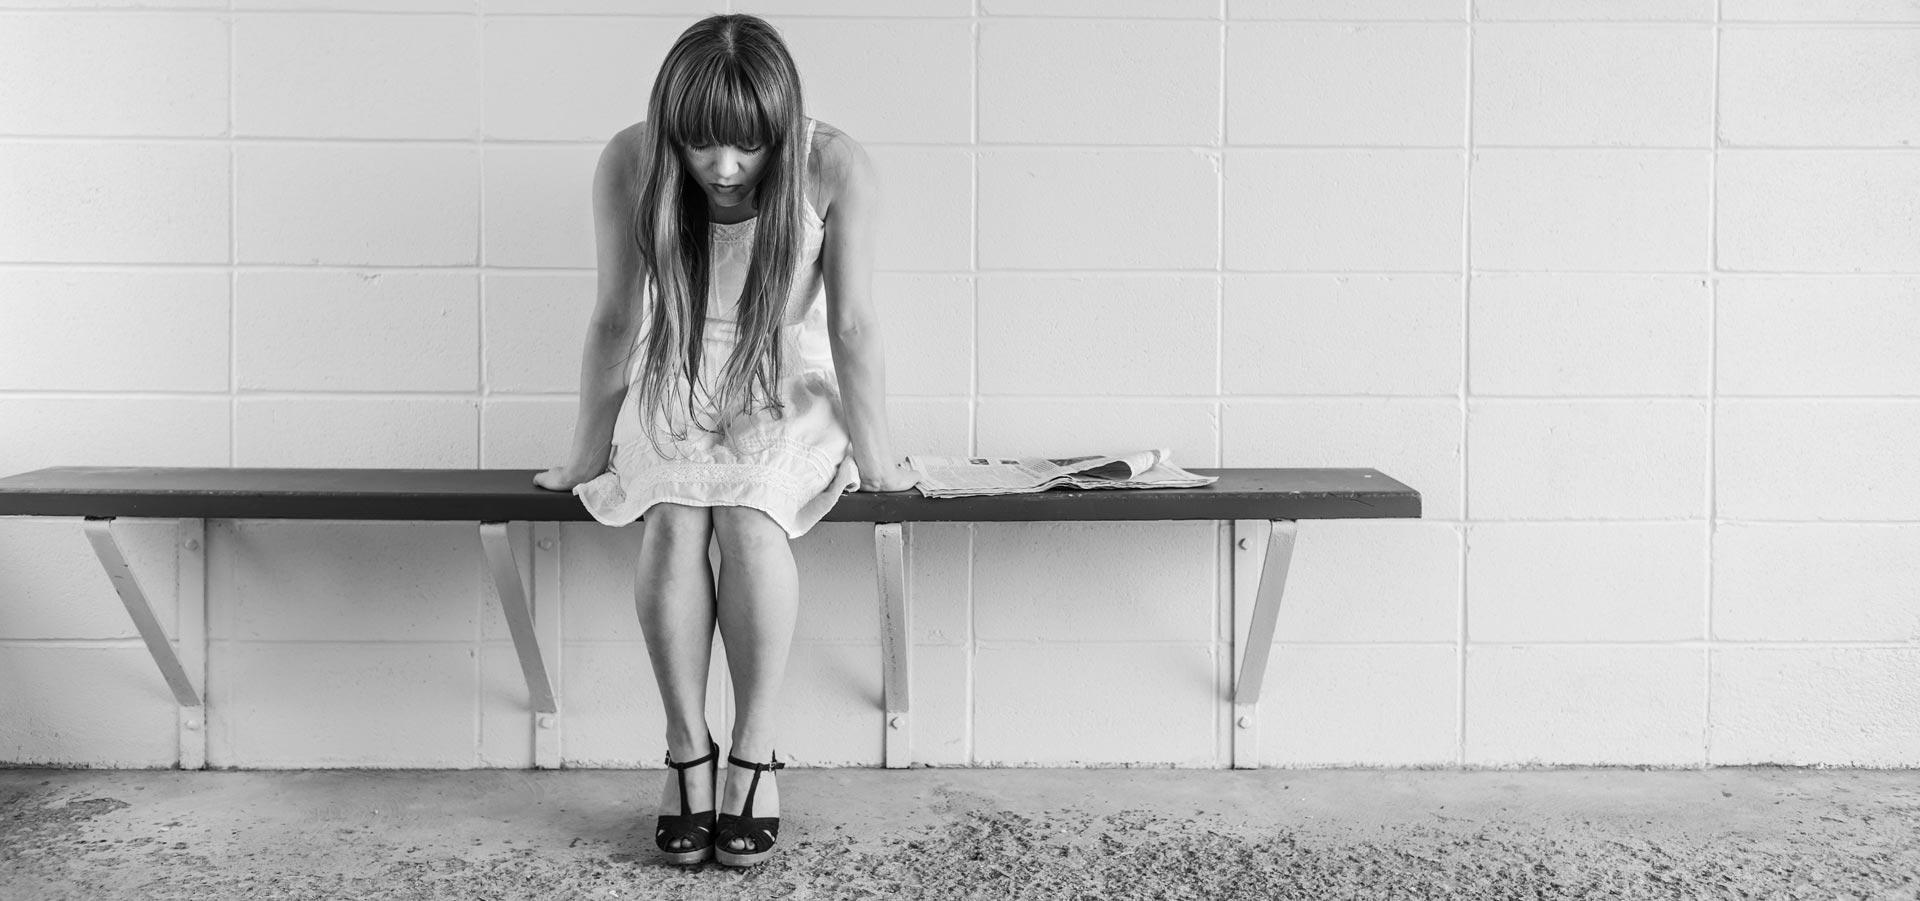 Algunas causas sobre el origen y el mantenimiento de la depresión